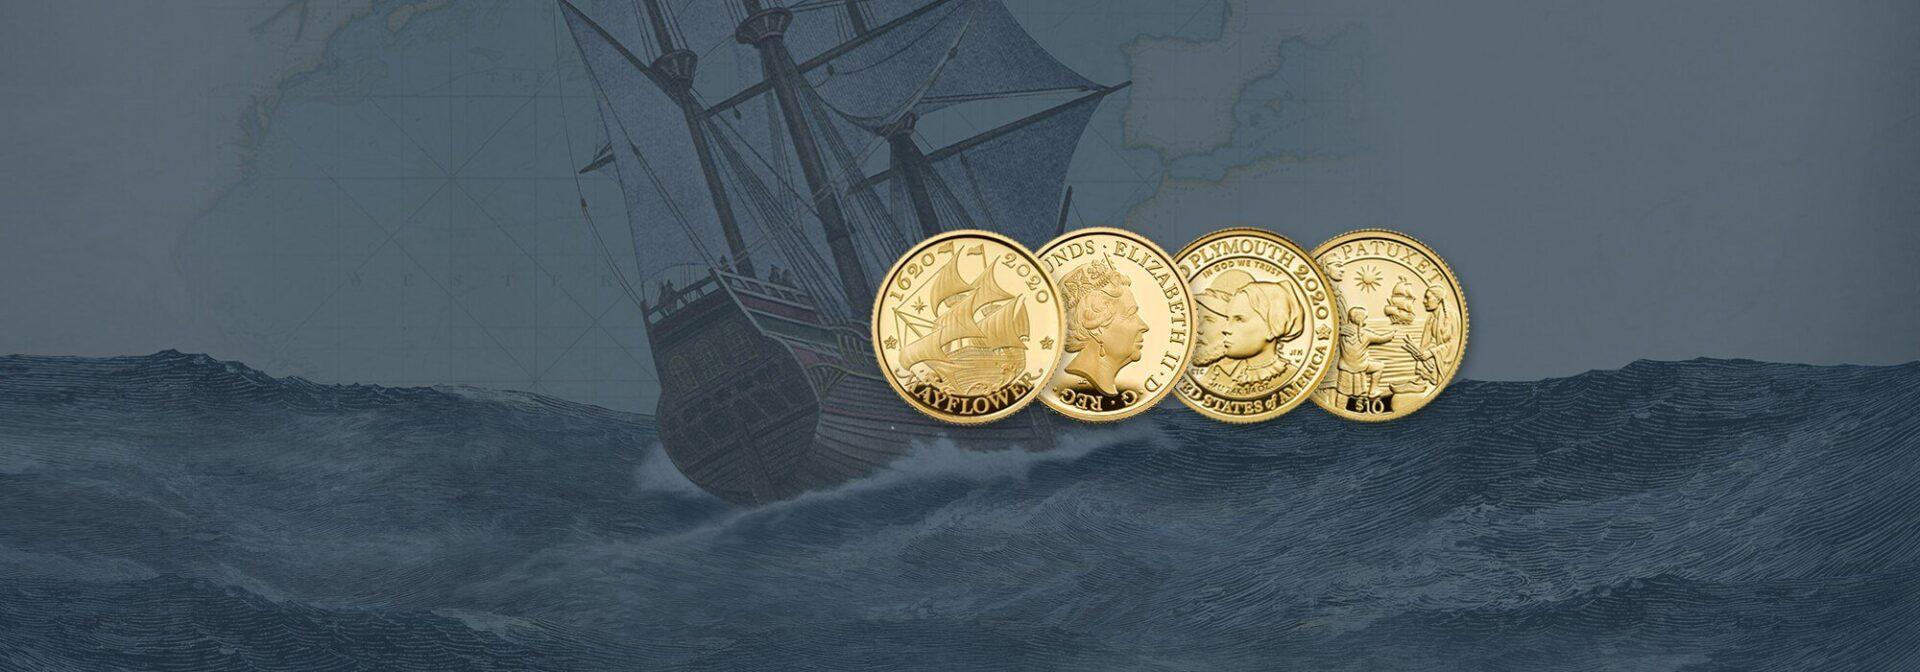 Mayflower £2 Coin Set